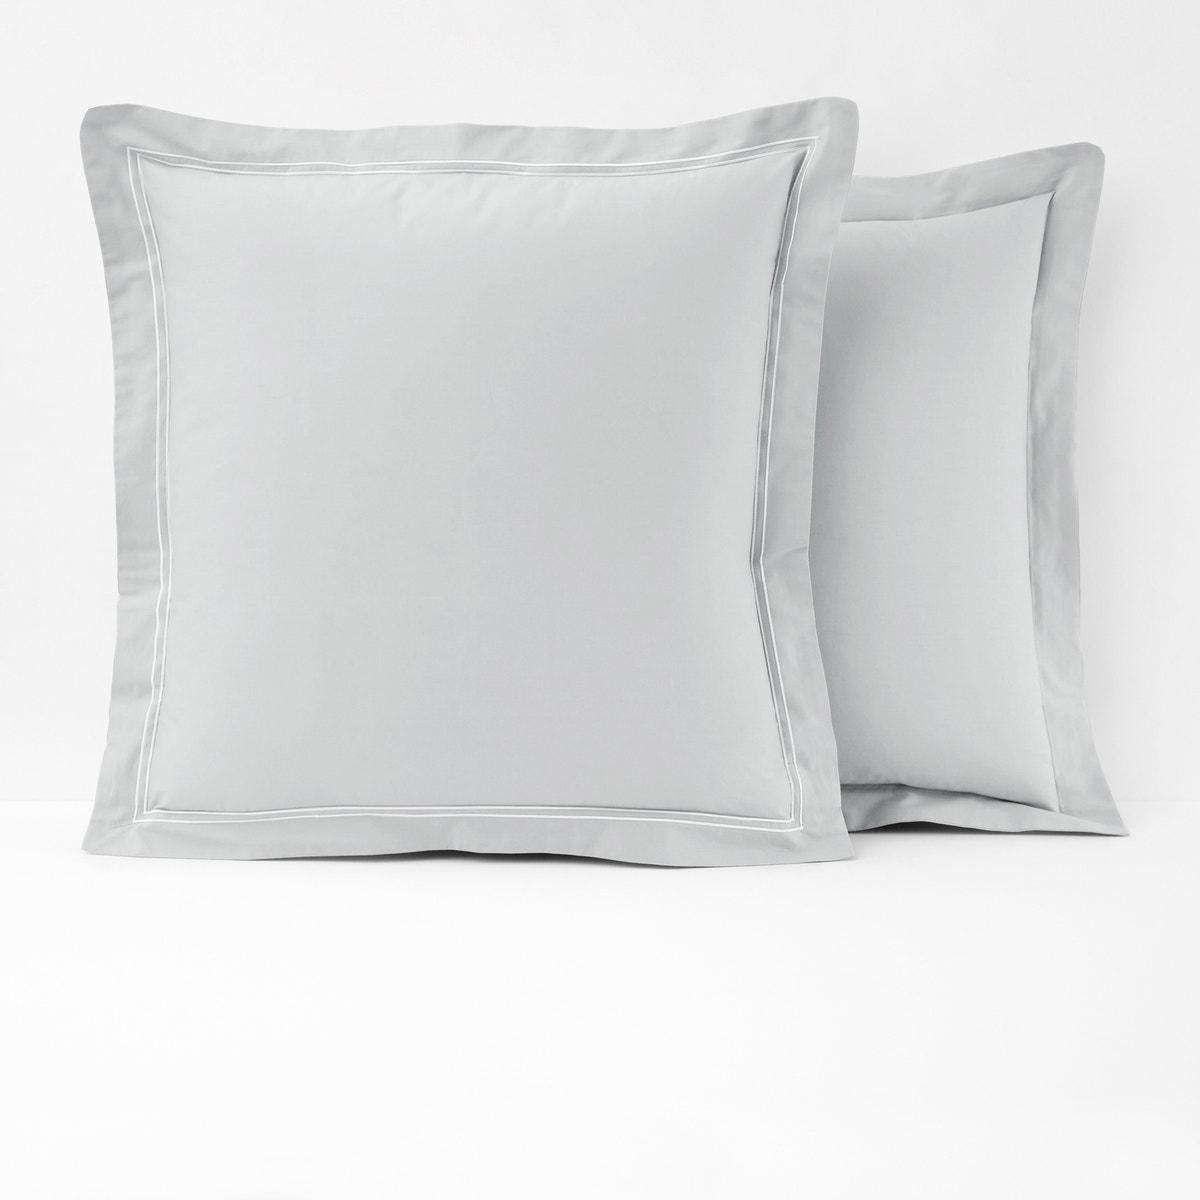 Palace コットンパーケル 刺繍枕カバー